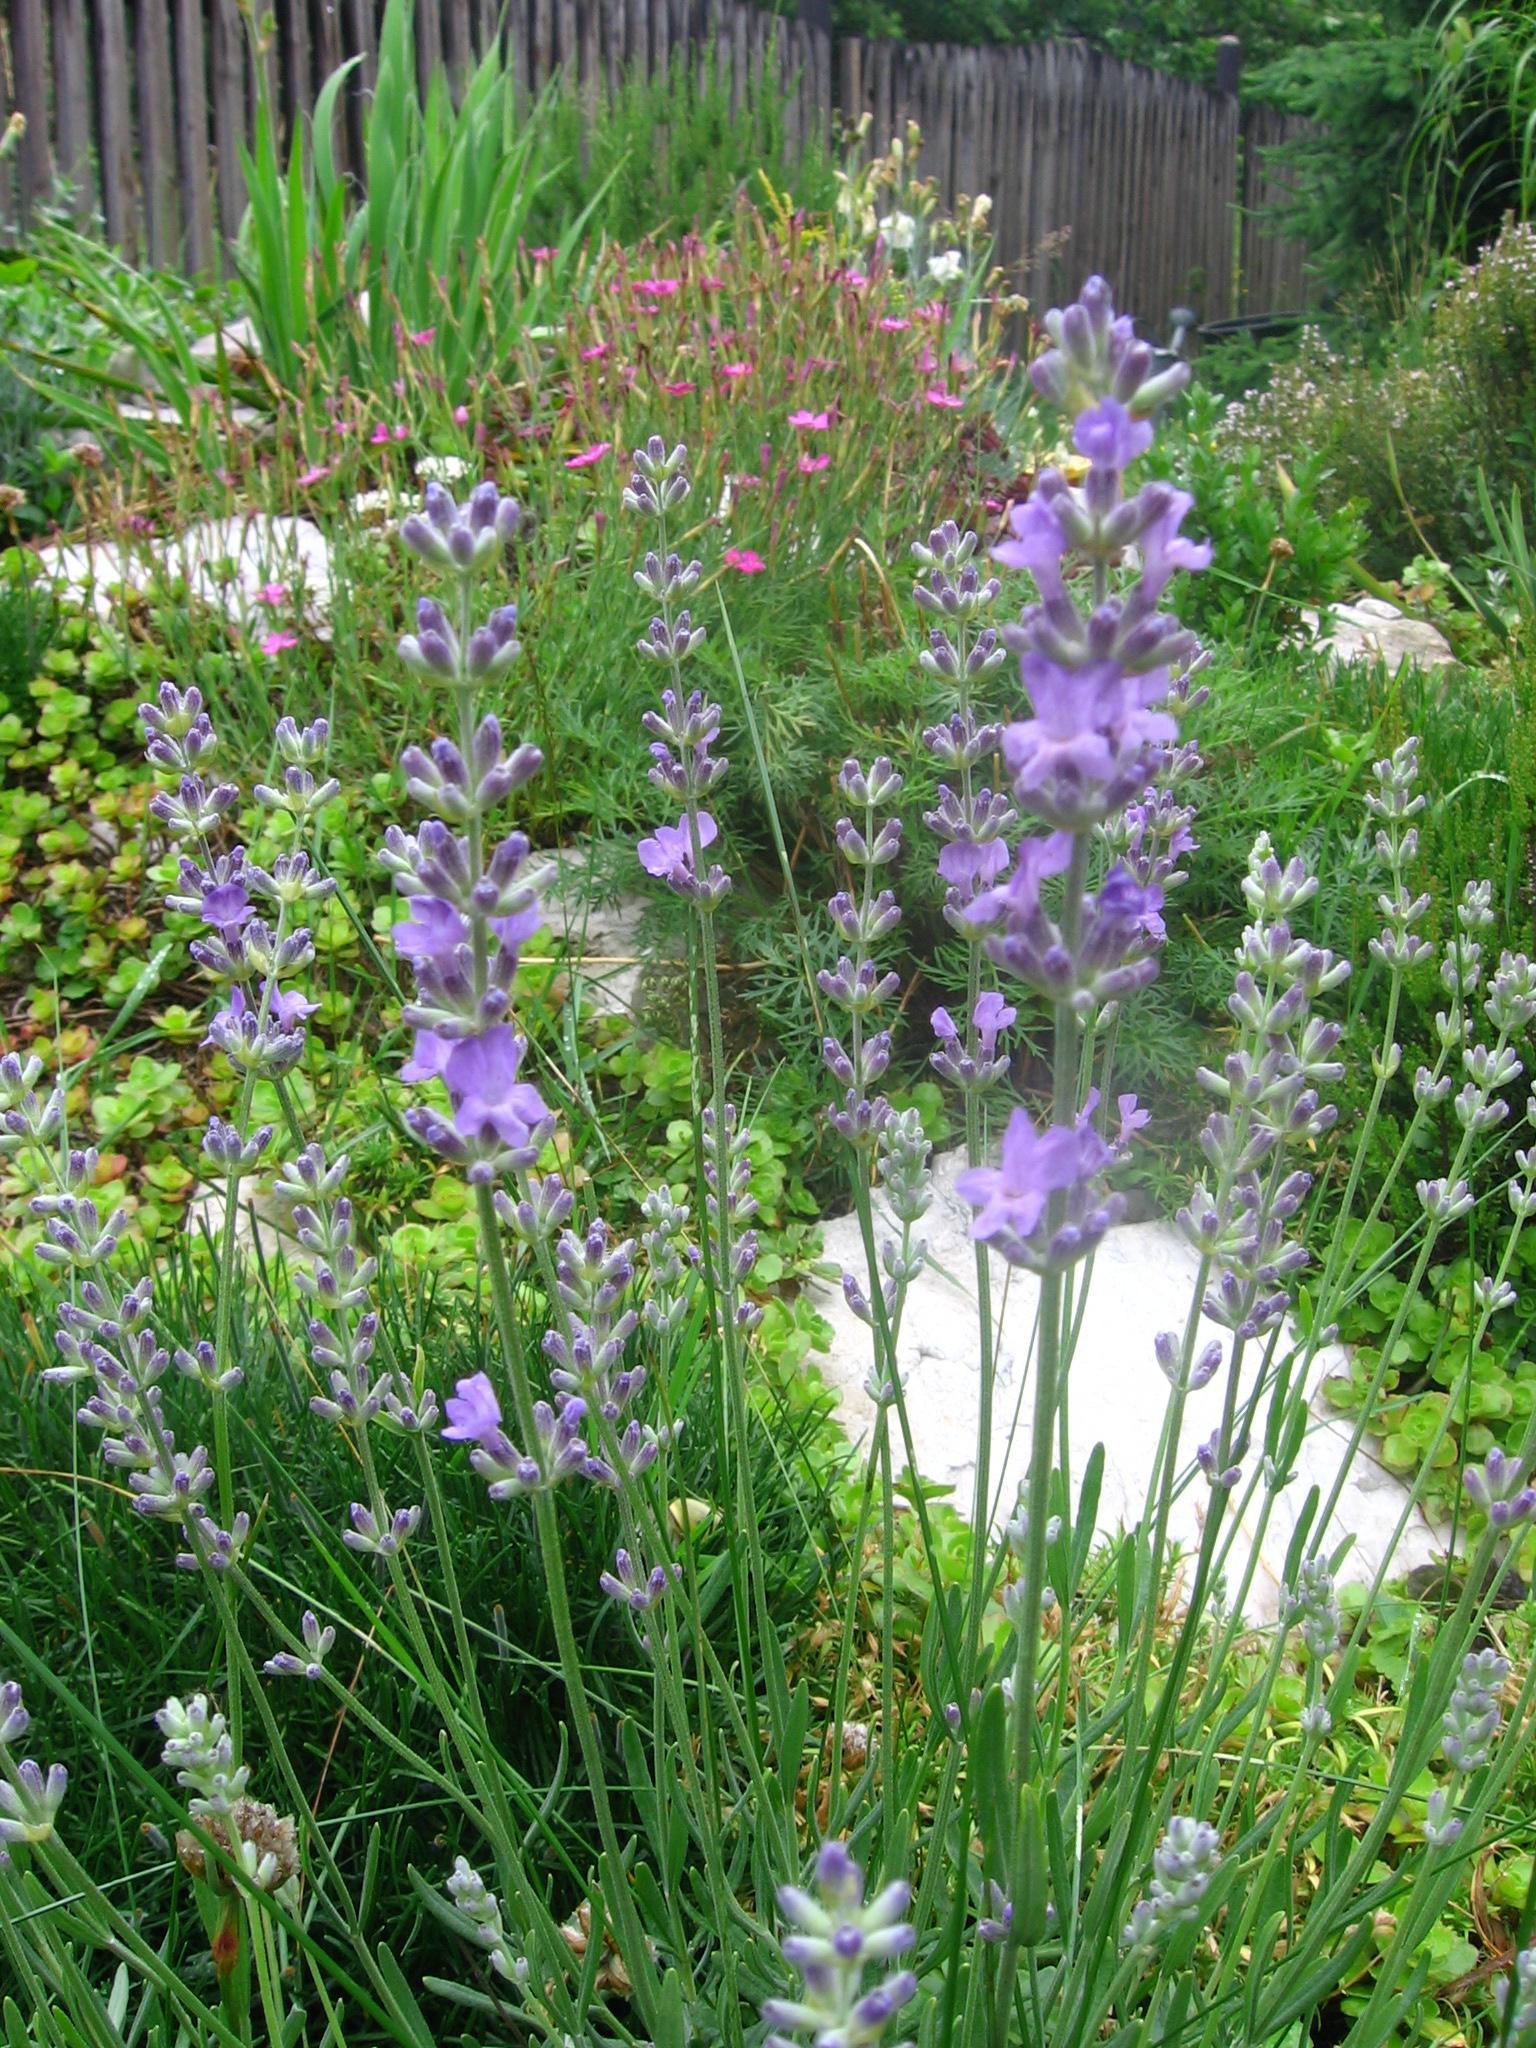 lawenda wąskolistna, uprawa lawendy, pachnąca lawenda, rośliny pachnące, zioła